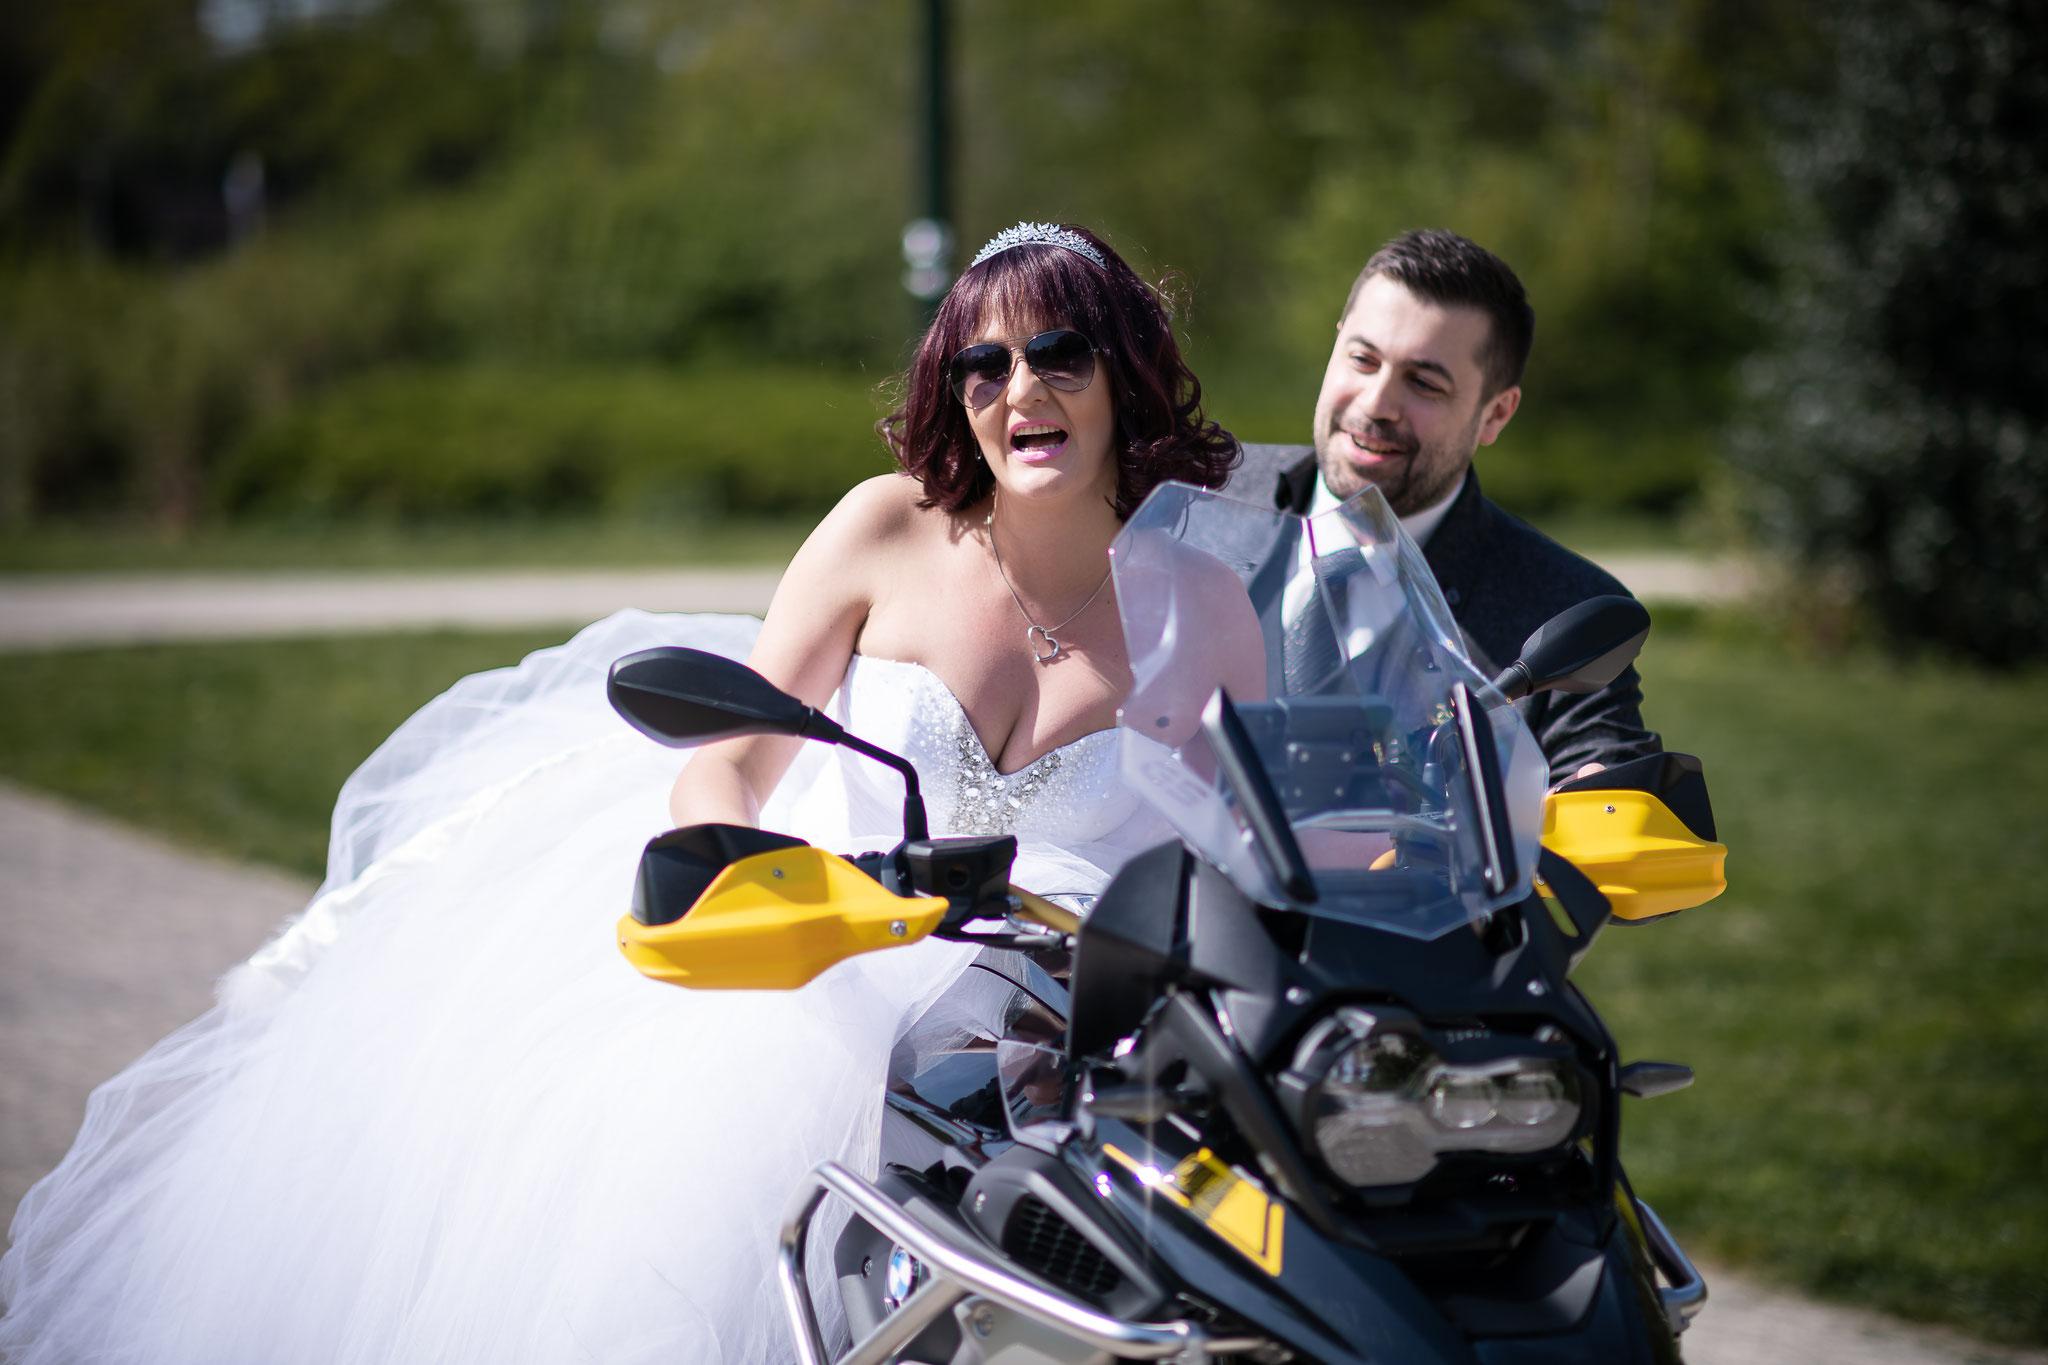 Braut und Bräutigam haben voll Spß bei dem Fotoshooting mit dem Motorrad